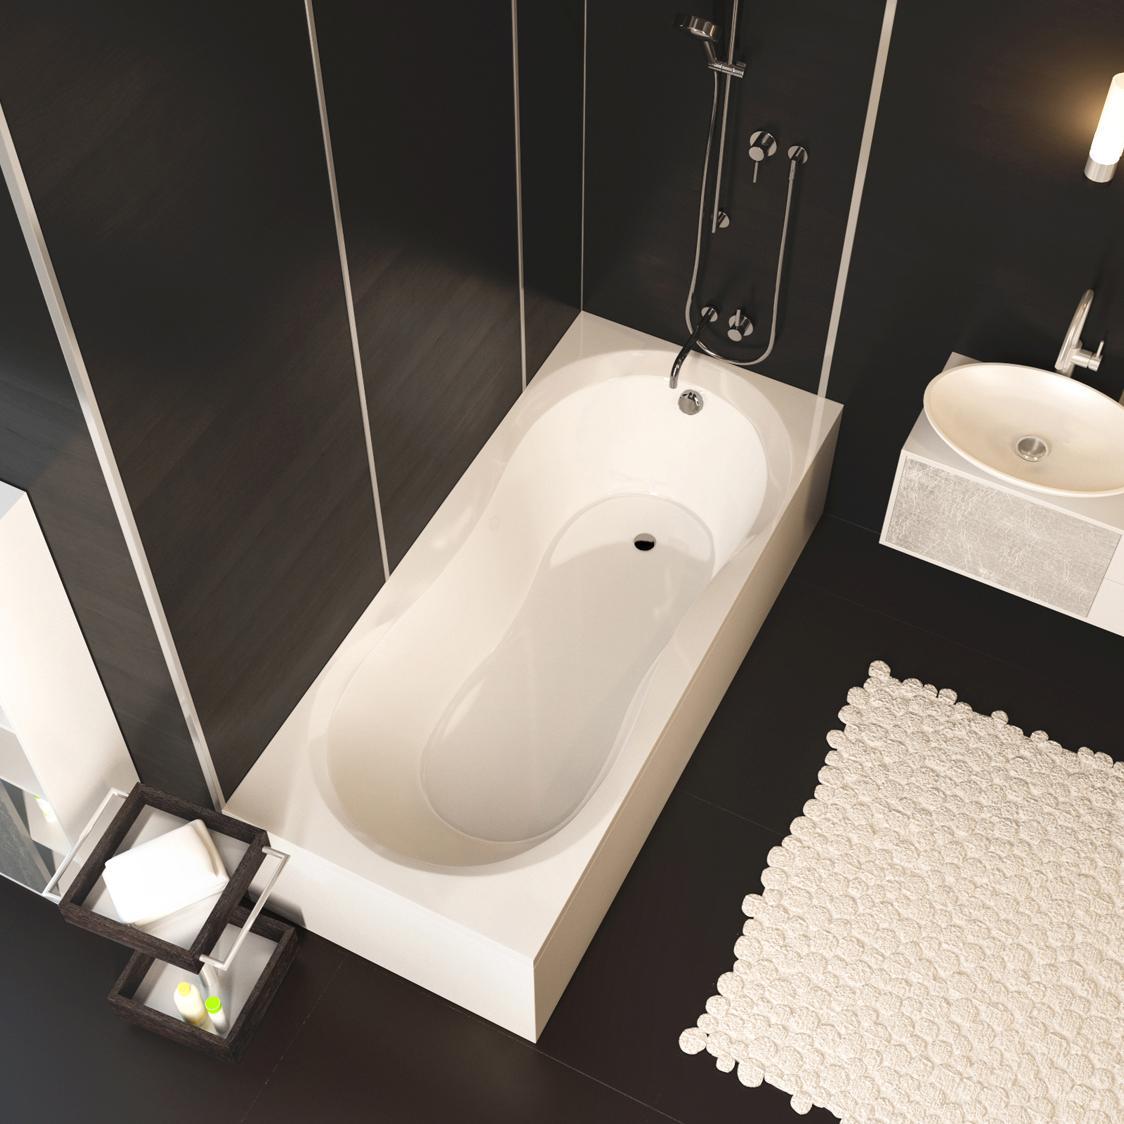 Акриловая ванна Alpen Mars 150x70 акриловая ванна alpen diana 150x70 комплект